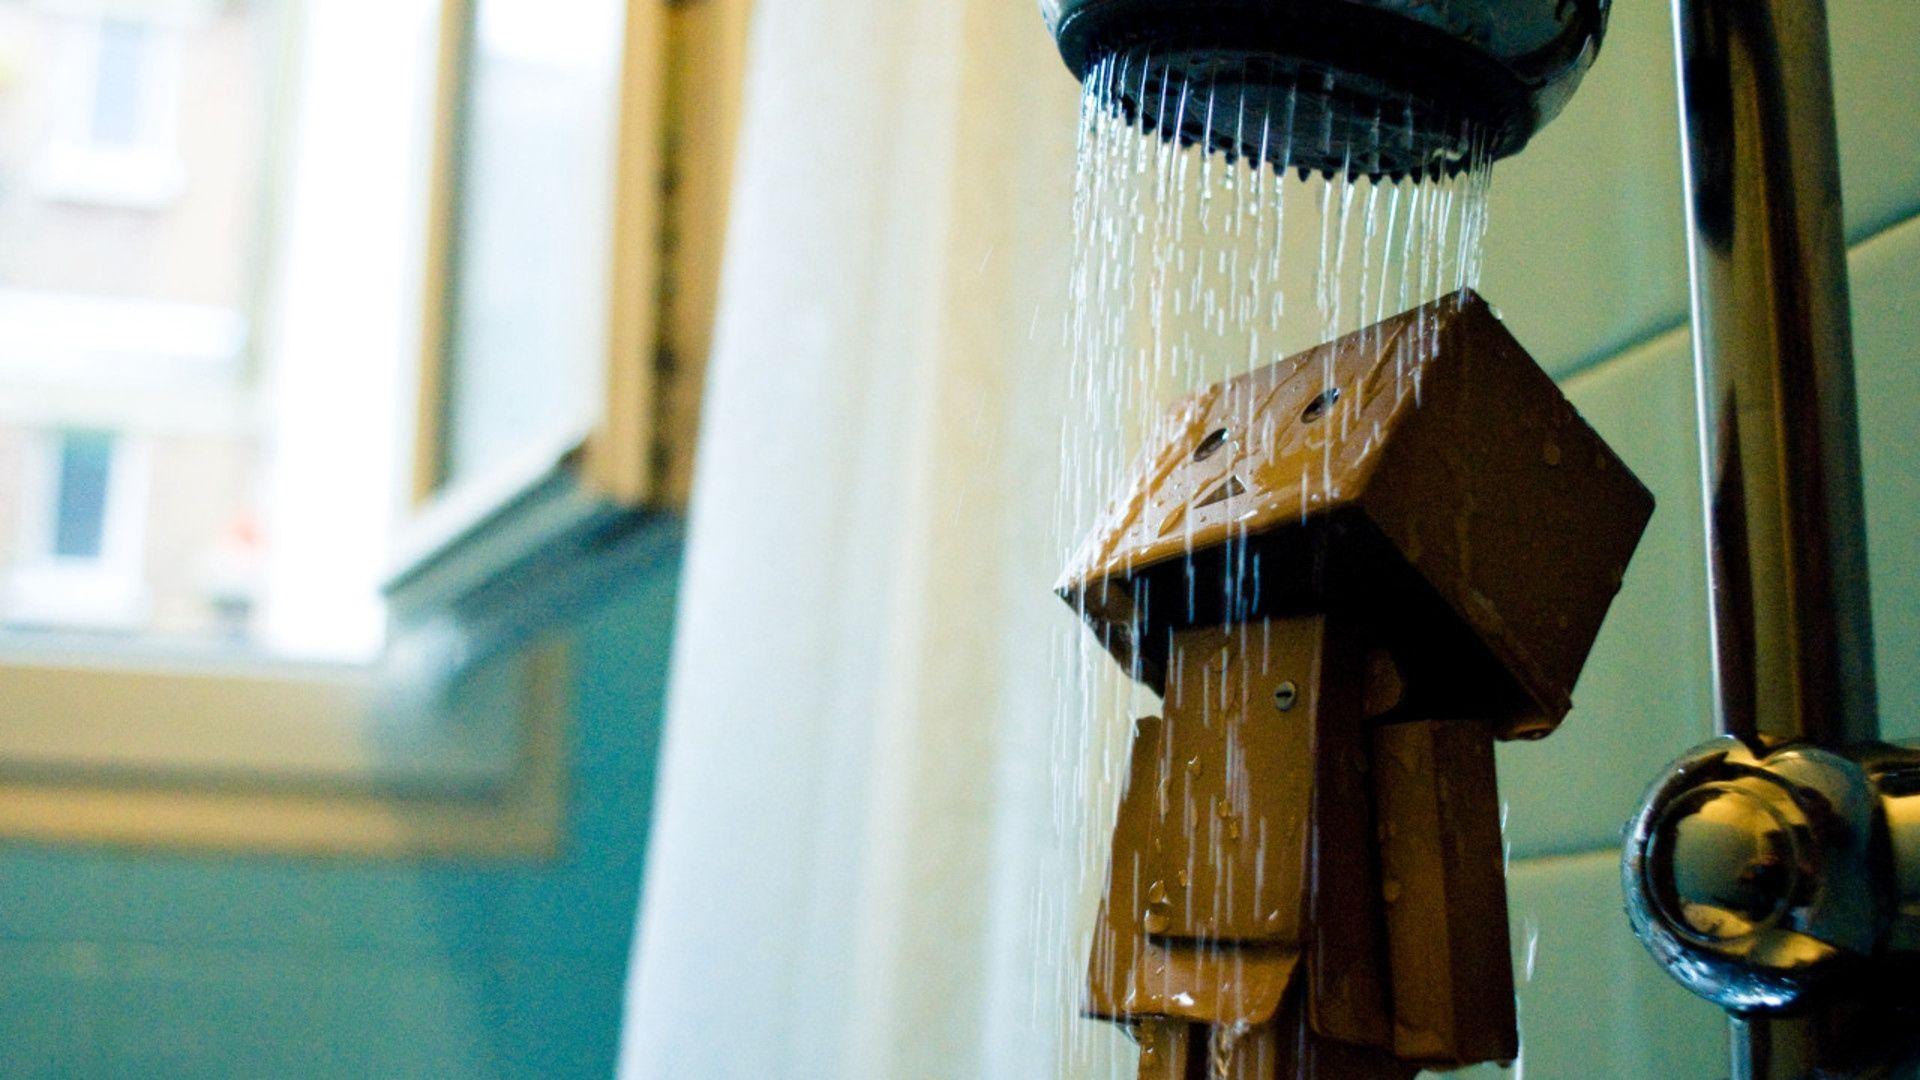 Shower good wallpaper hd